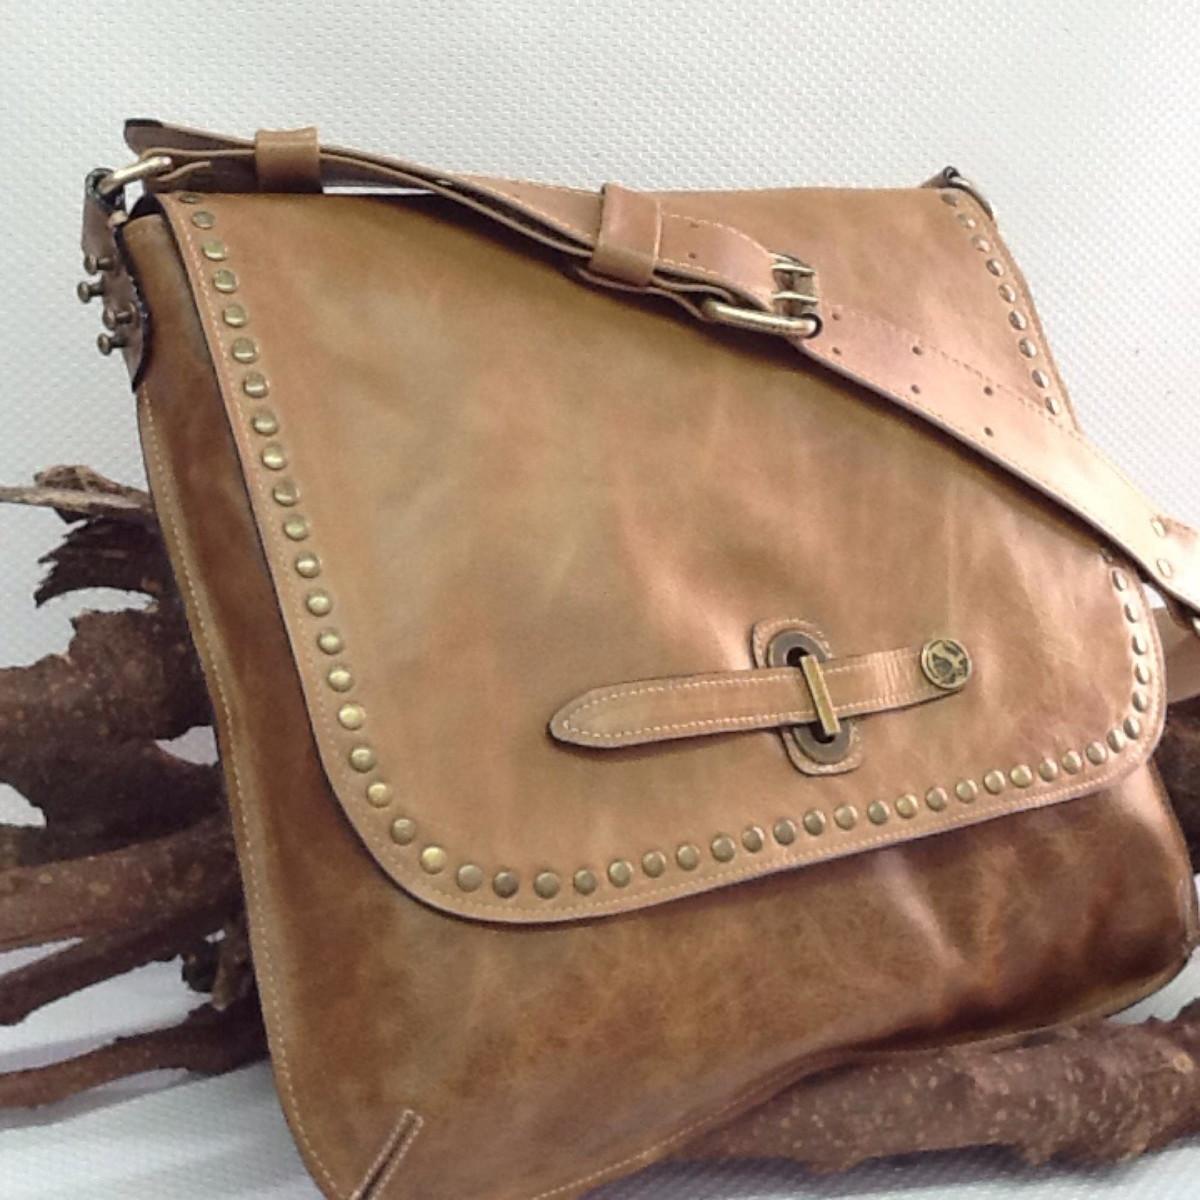 1f511136b bolsa carteiro unissex caramelo no Elo7 | BOLSAS VIVIAN LAGO (A28AED)